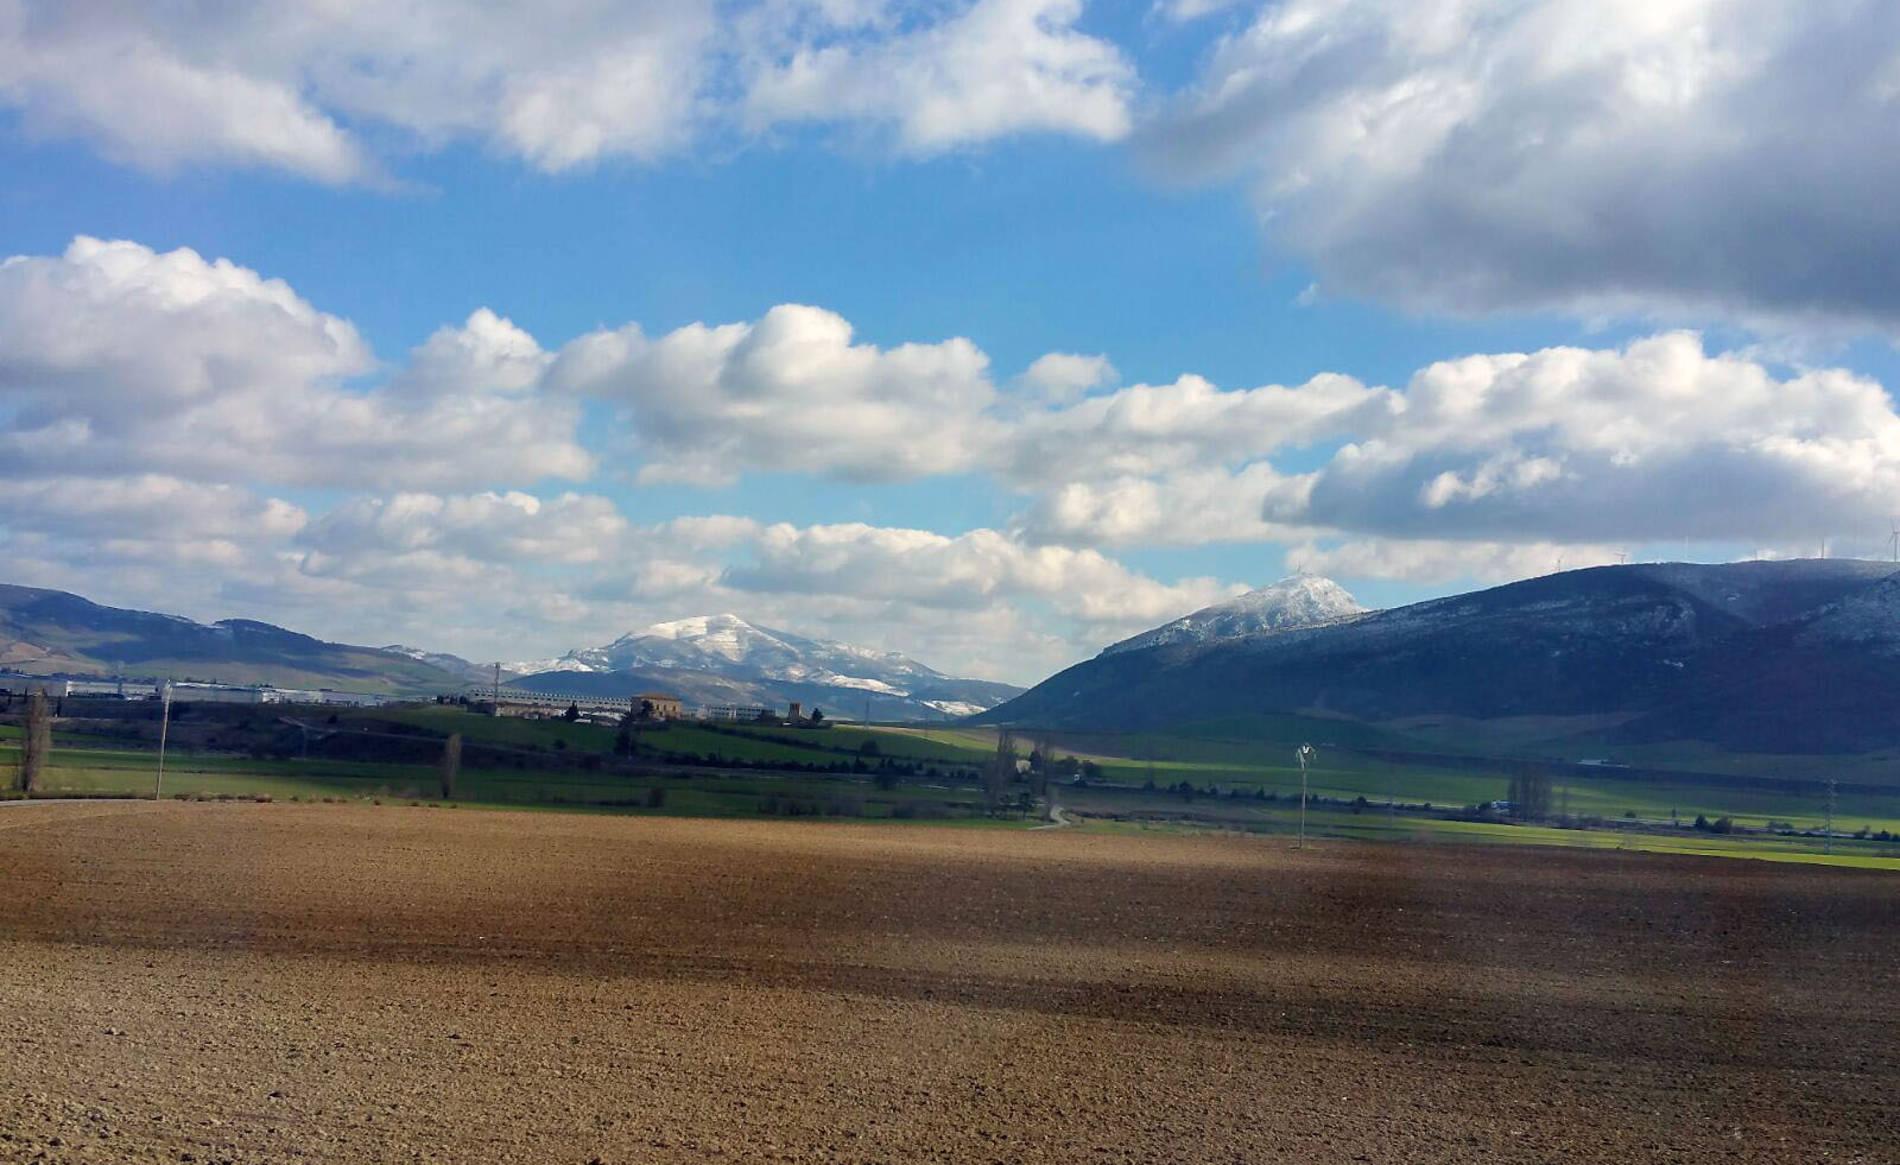 Fotos del invierno de los lectores (1/24) - Fotos del invierno enviadas por los lectores de Diario de Navarra - Contenidos -